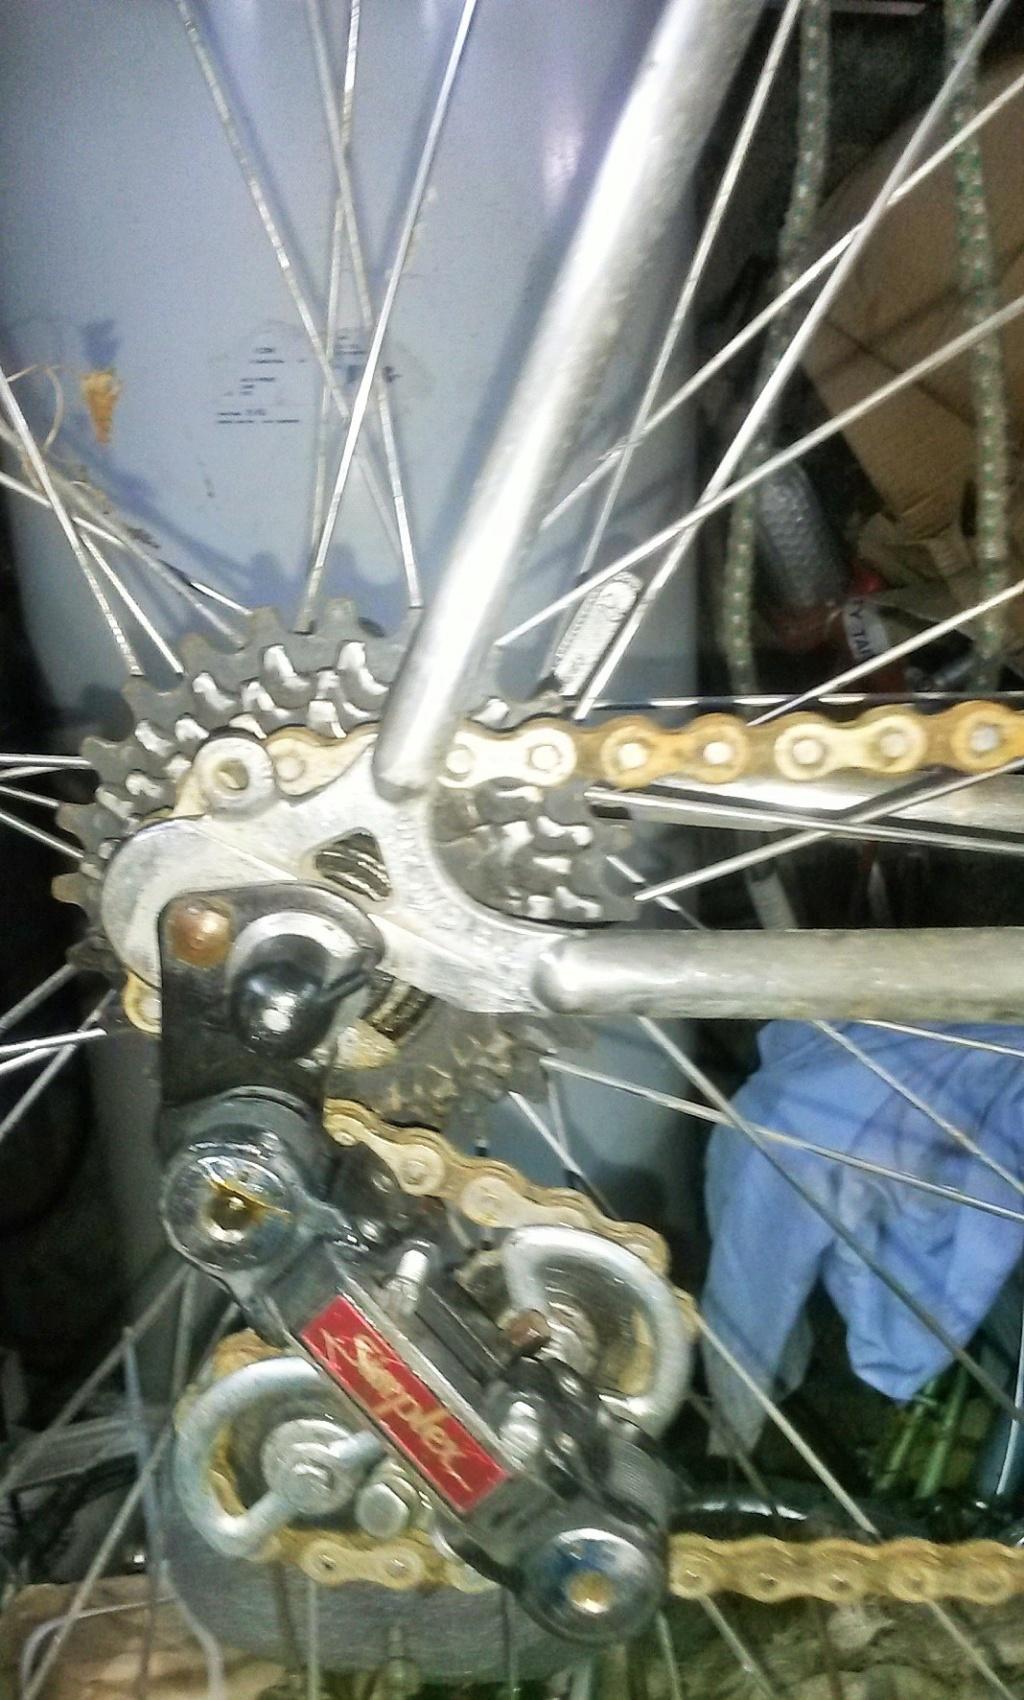 vélo de course a raccord NERVEX 1970 -75 00226